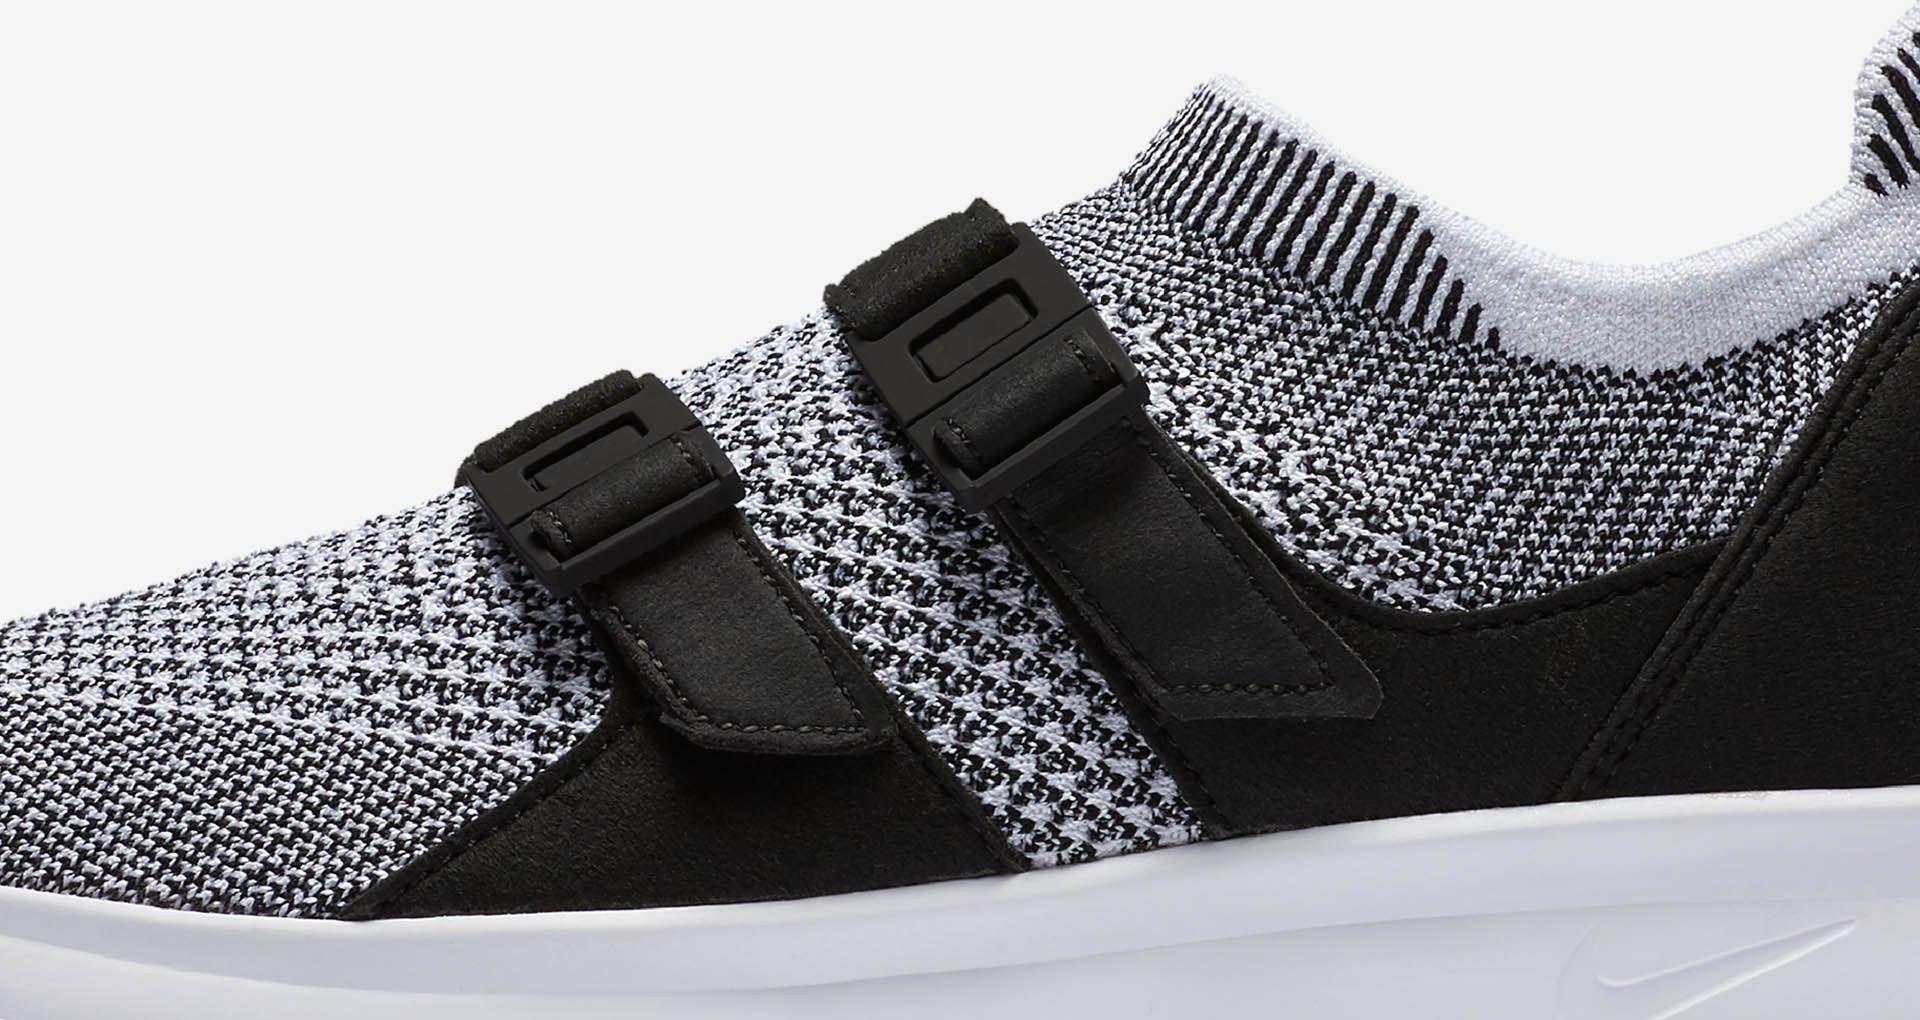 12d3d89467201 Women s Nike Air Sock Racer Ultra Flyknit  Black   White . Nike+ SNKRS